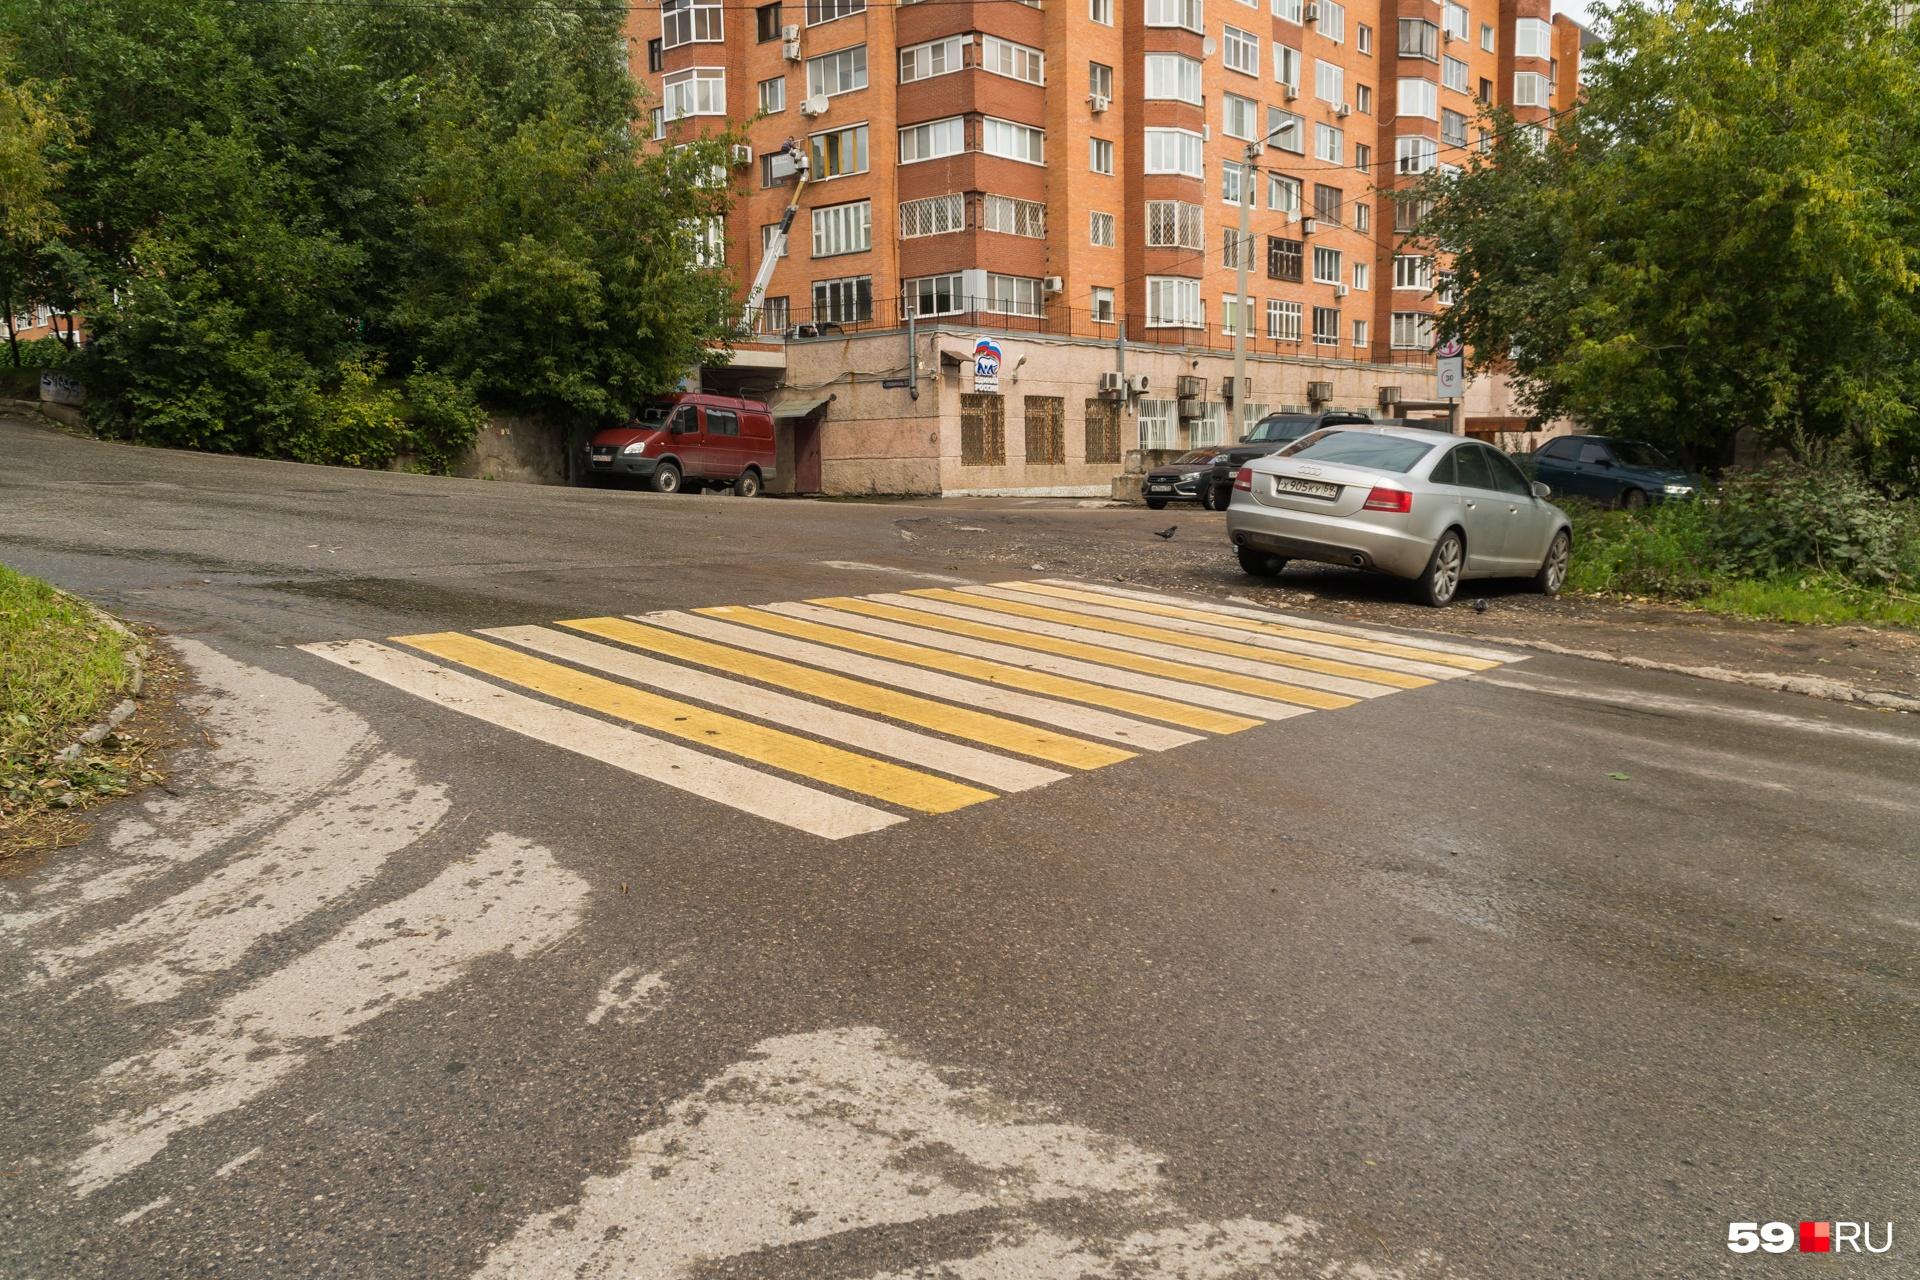 Нападение произошло в понедельник, 5 августа, на улице Плеханова